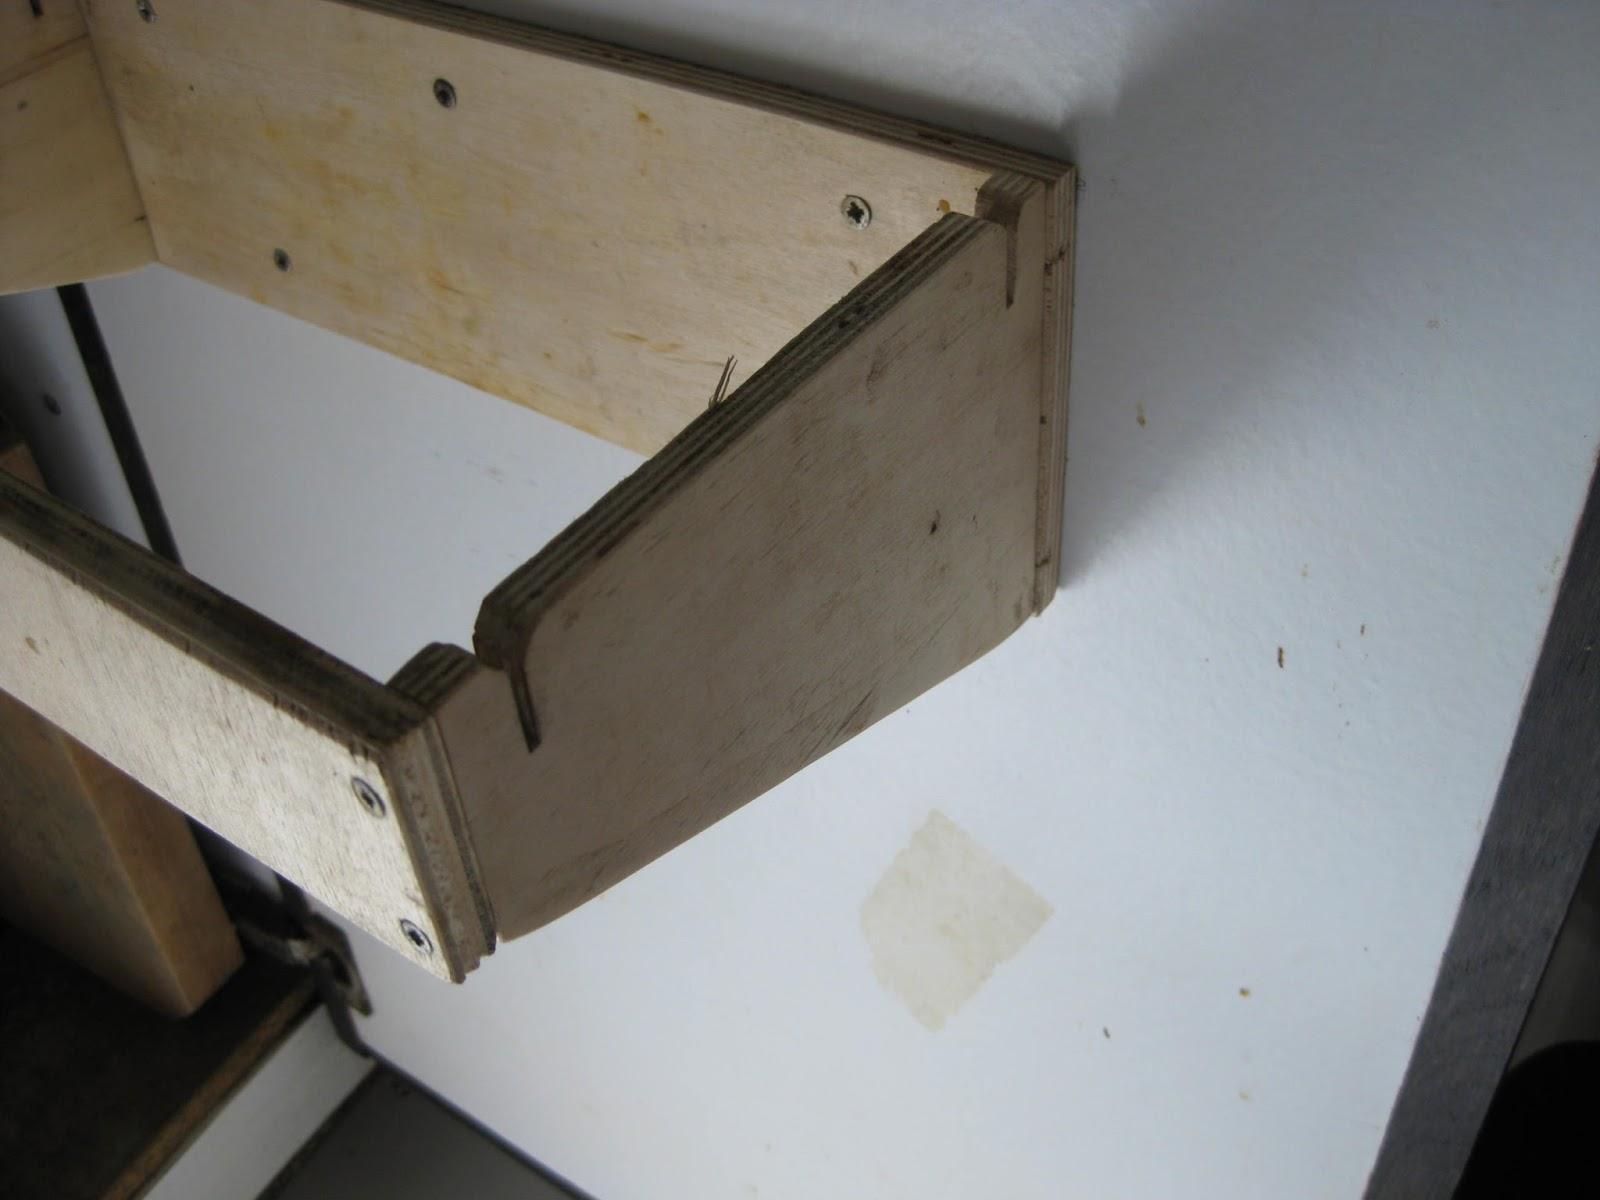 Bricolaje oficios y otras cosas soporte para reciclar - Reciclar muebles de cocina ...